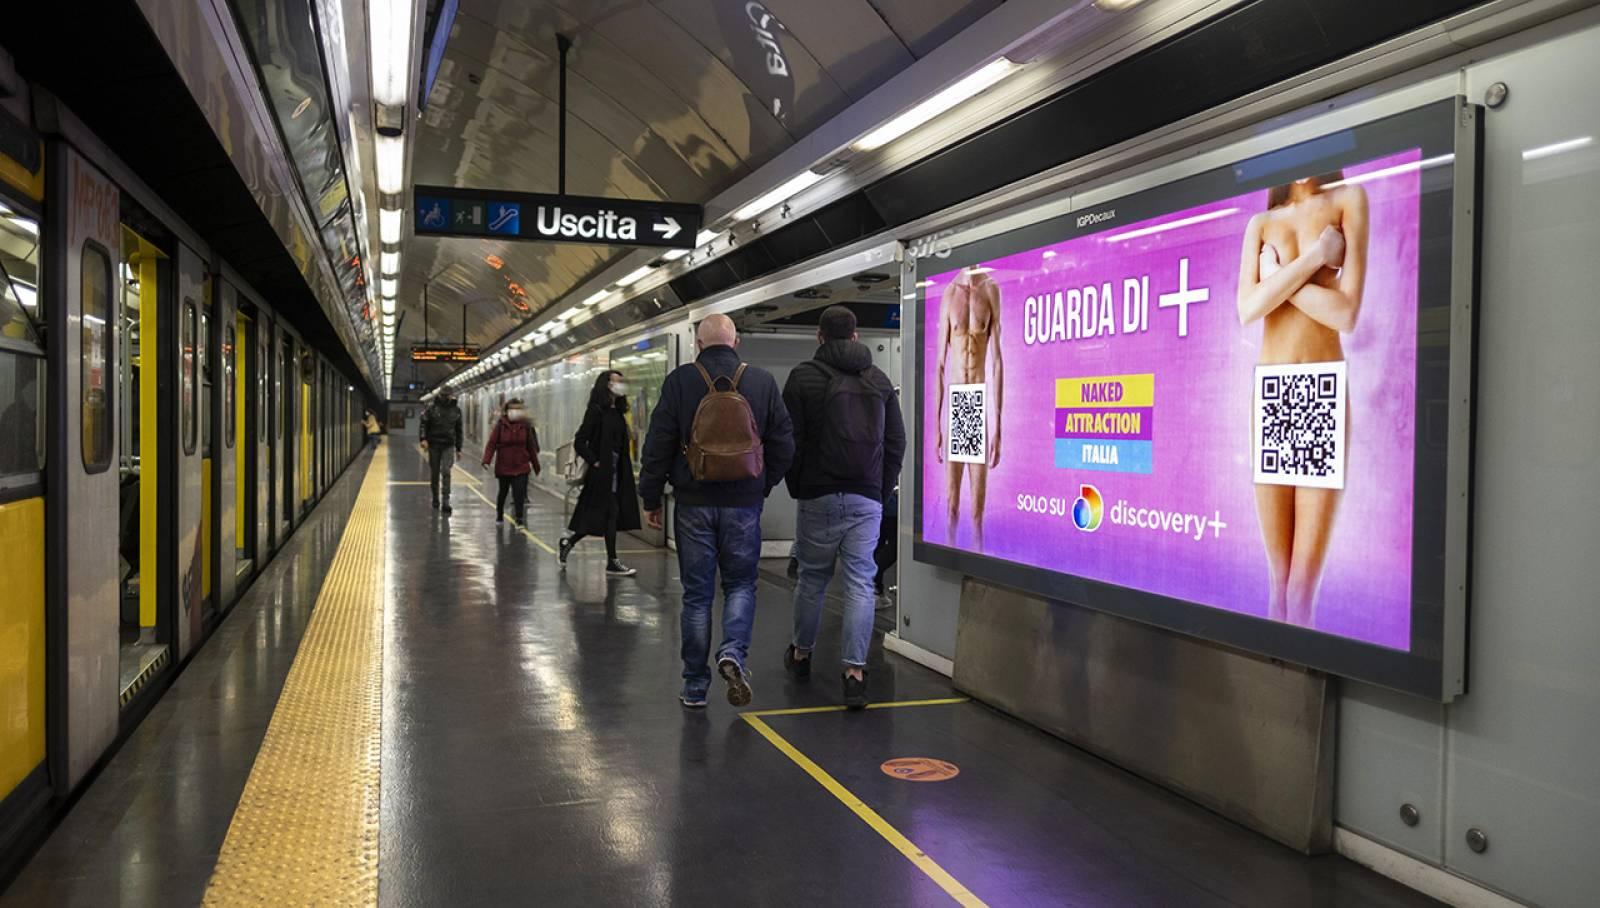 Pubblicità in metropolitana a Napoli IGPDecaux Circuito Mini per Discovery Italia